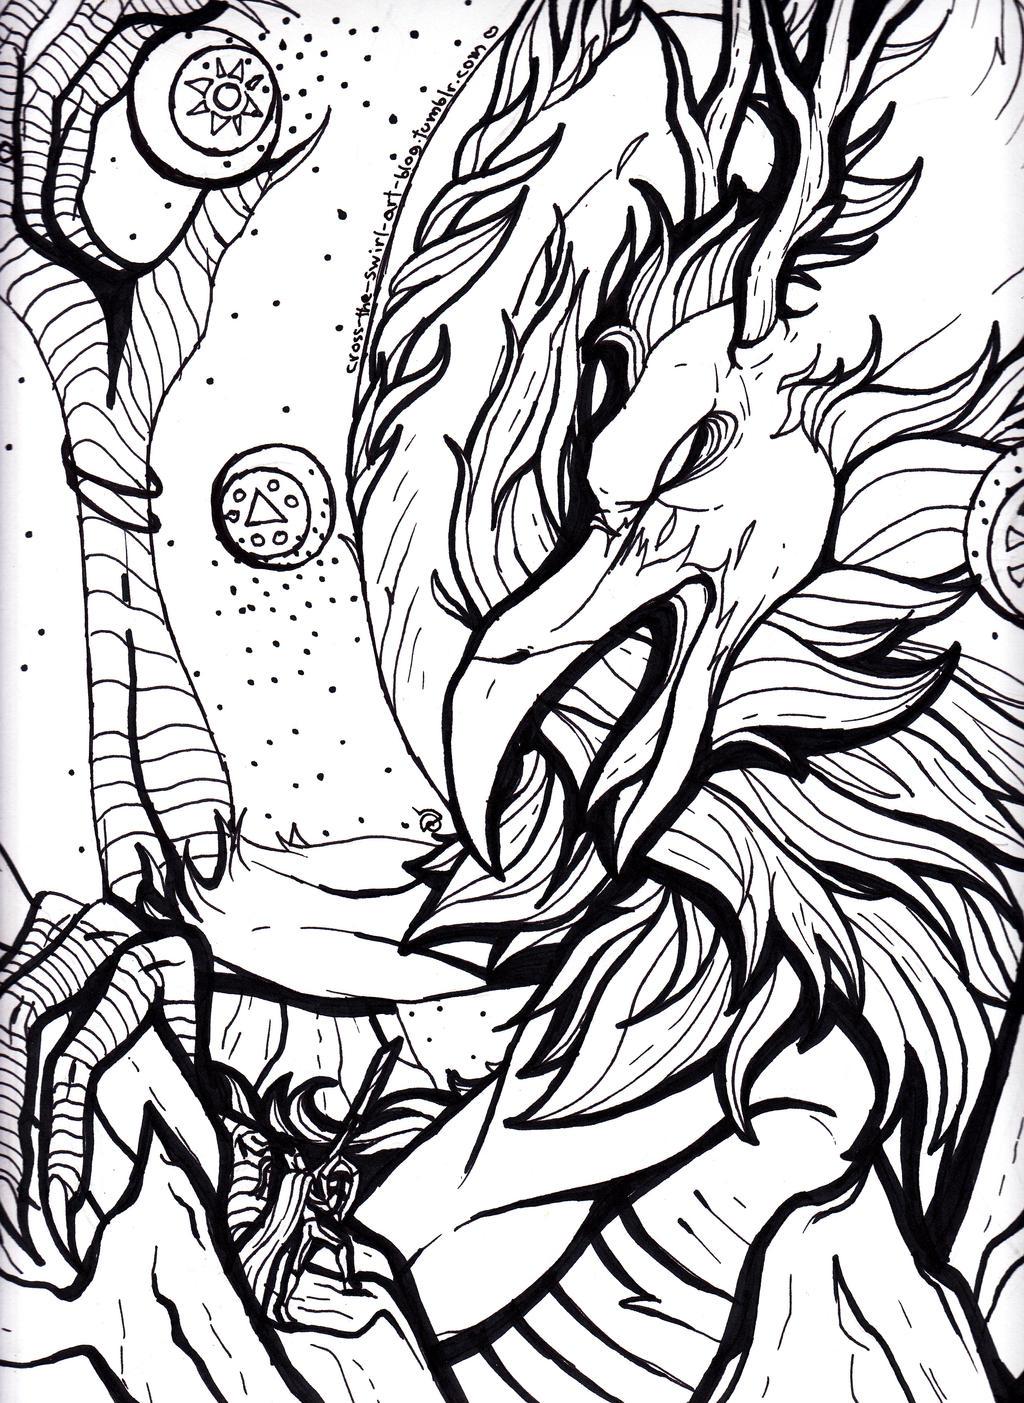 Dragon battle. by cross-the-swirl